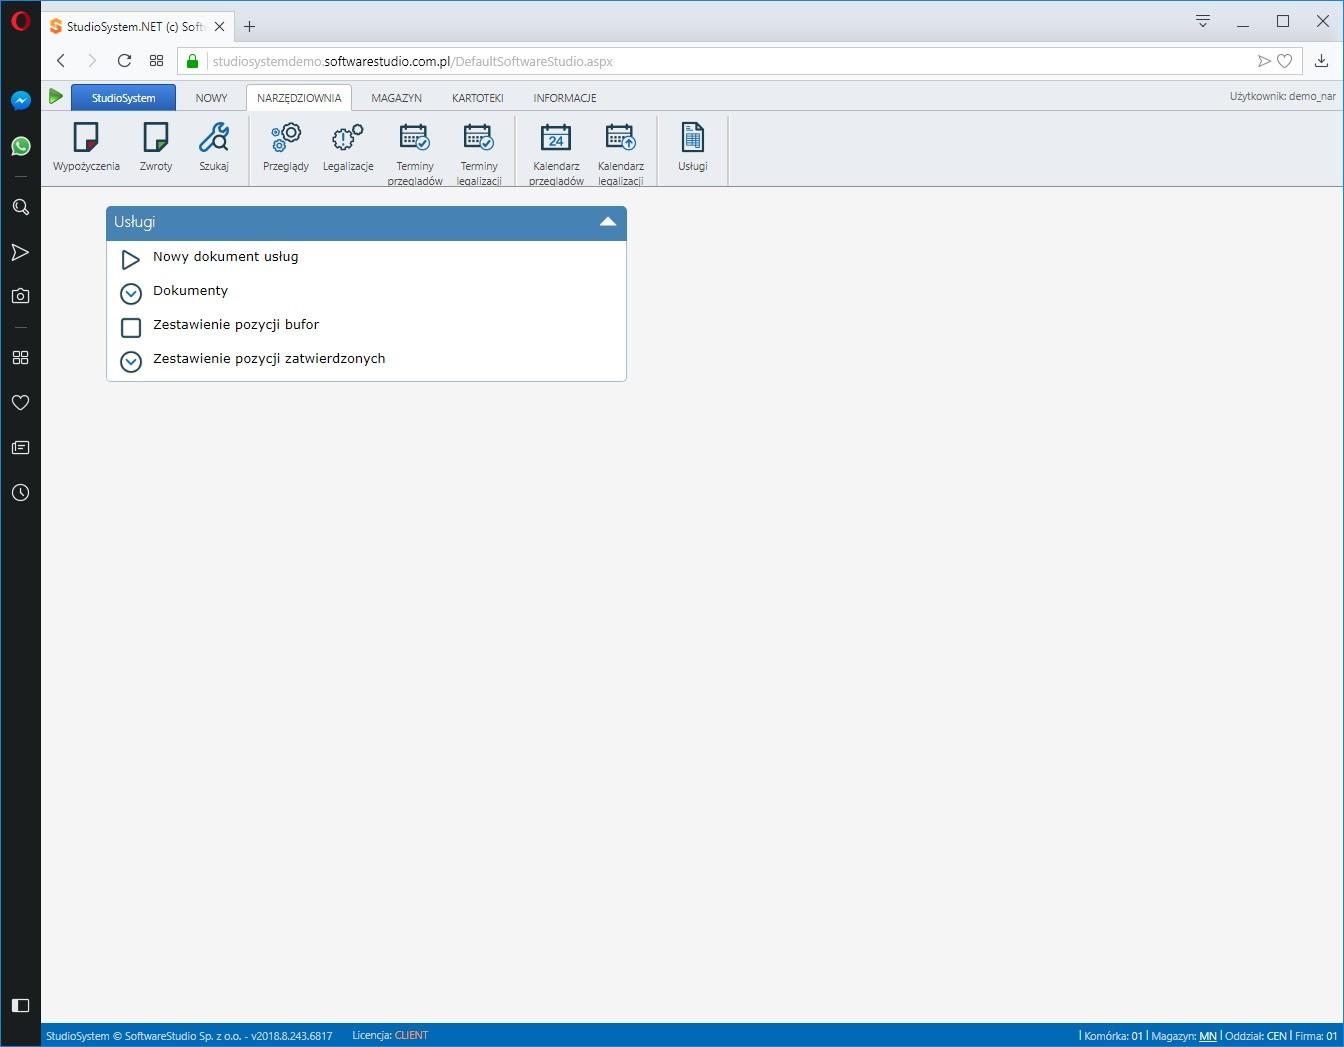 narzędzia-czytnik-rfid Program do ewidencji narzędzi